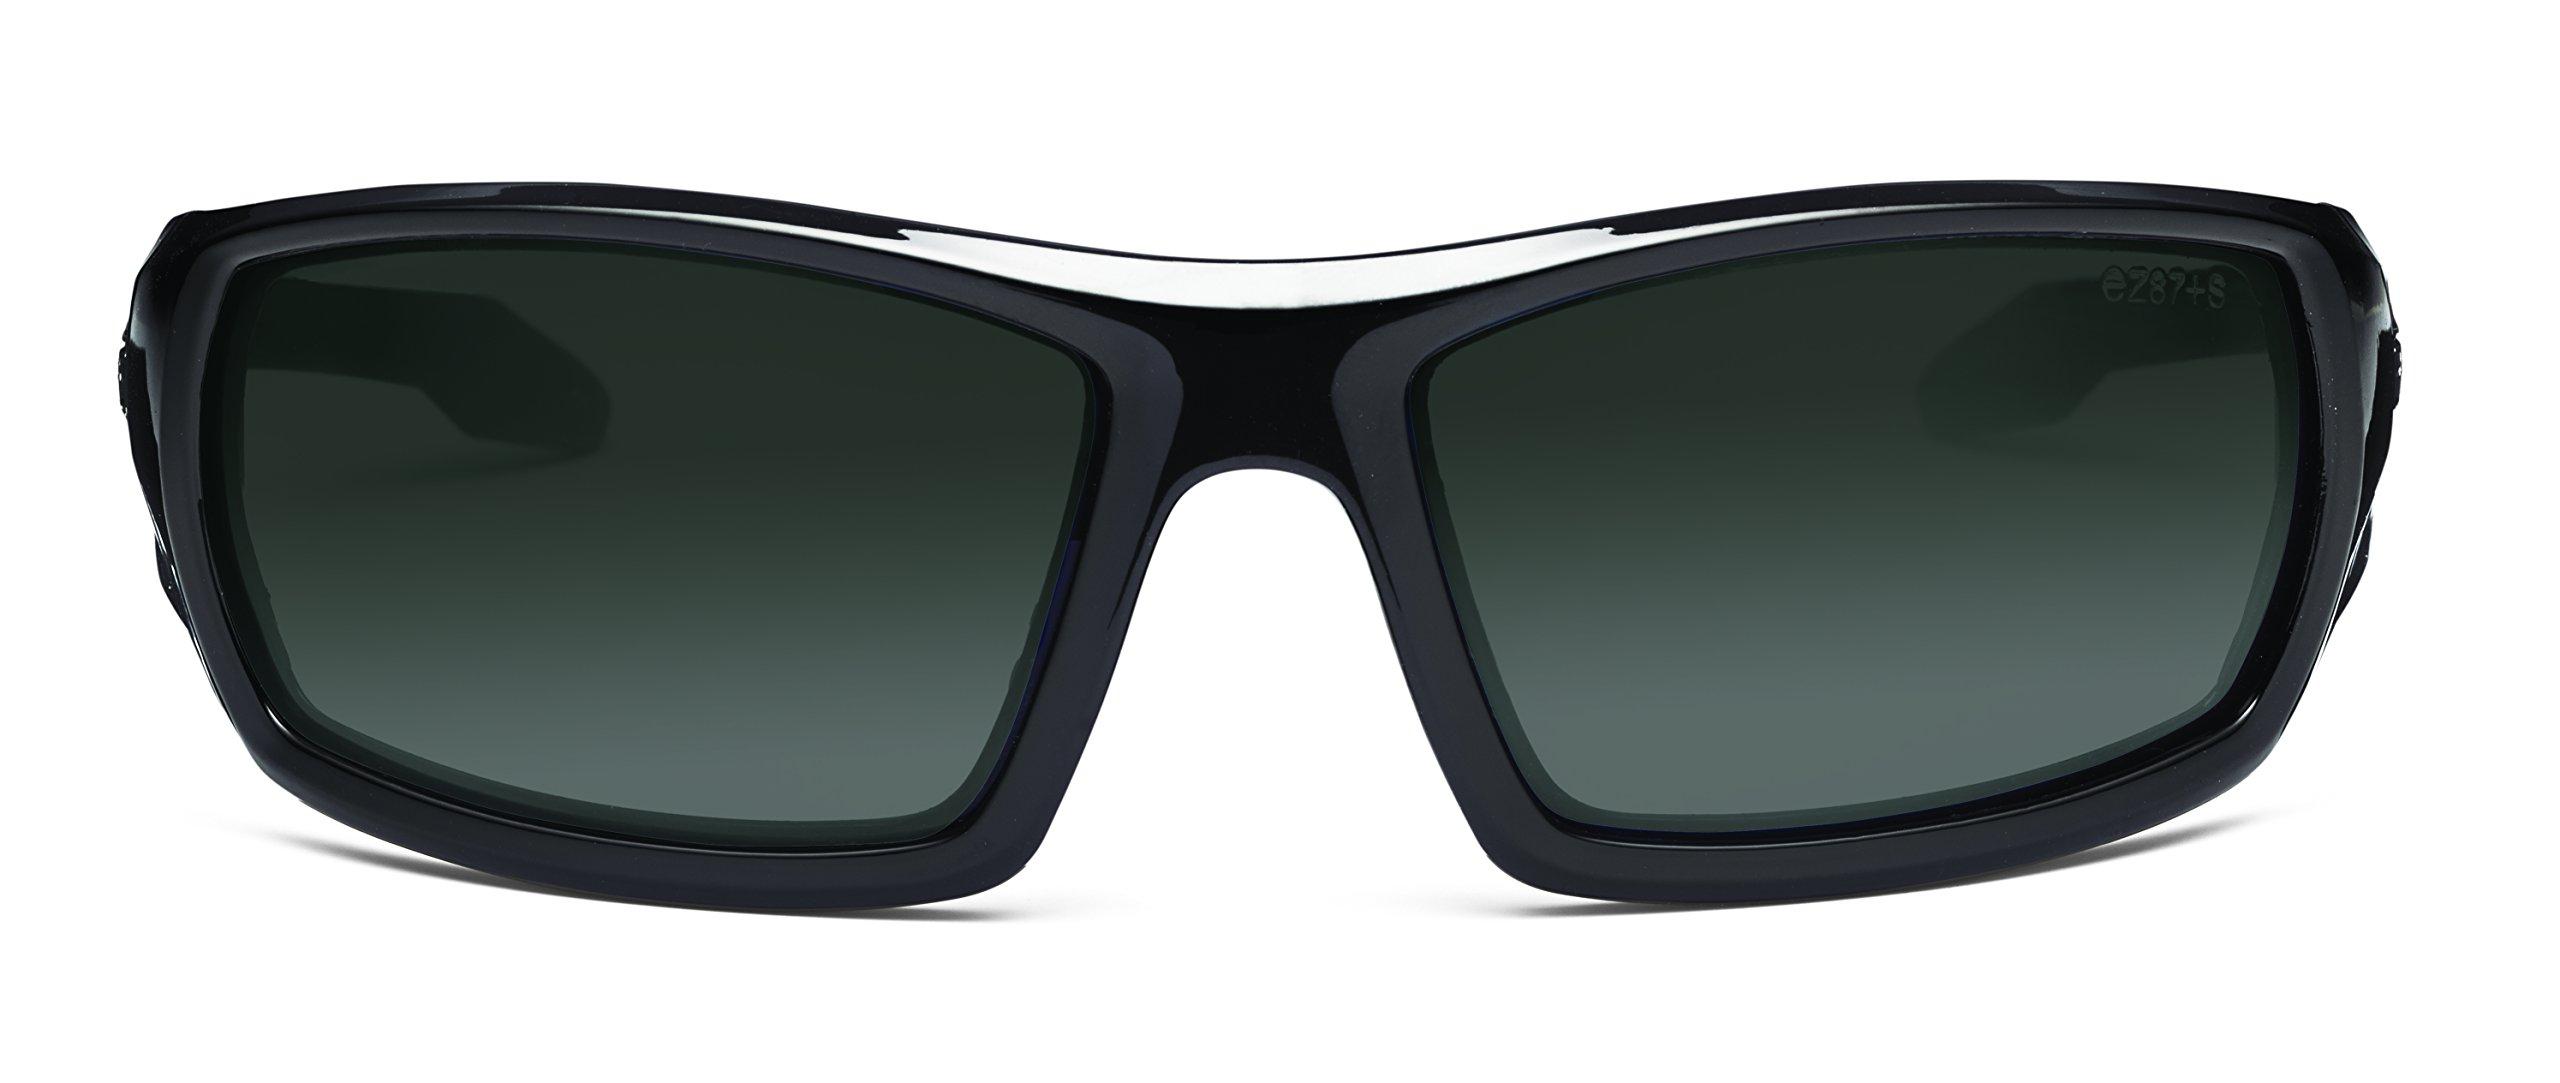 Ergodyne Skullerz Odin Polarized Safety Sunglasses - Black Frame, Smoke Lens by Ergodyne (Image #2)